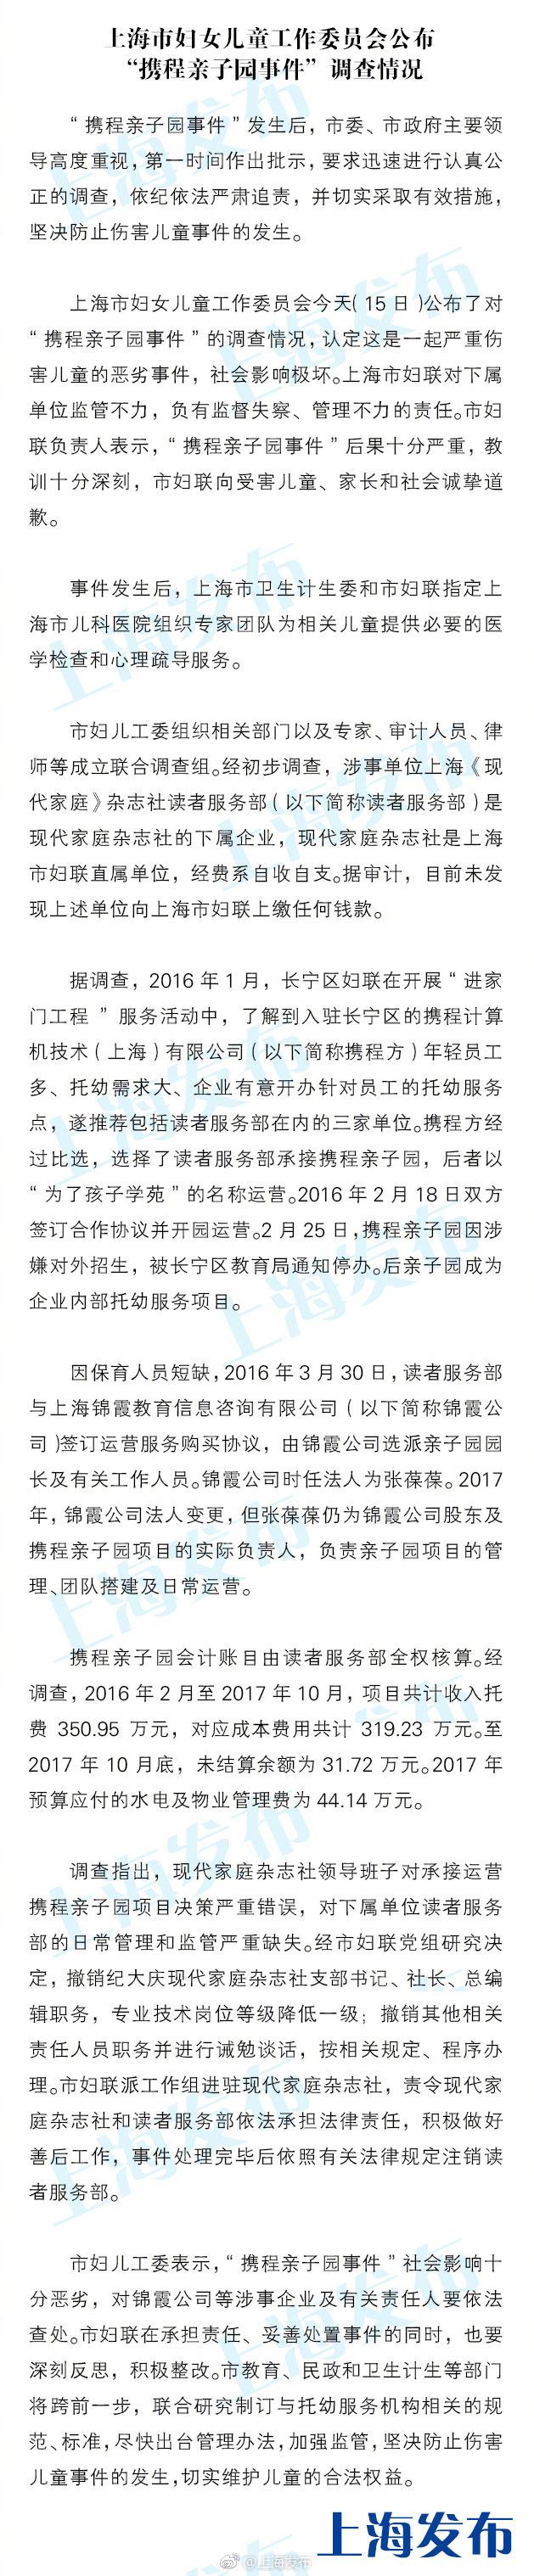 """上海""""携程亲子园事件""""调查情况公布,负责人被刑拘"""